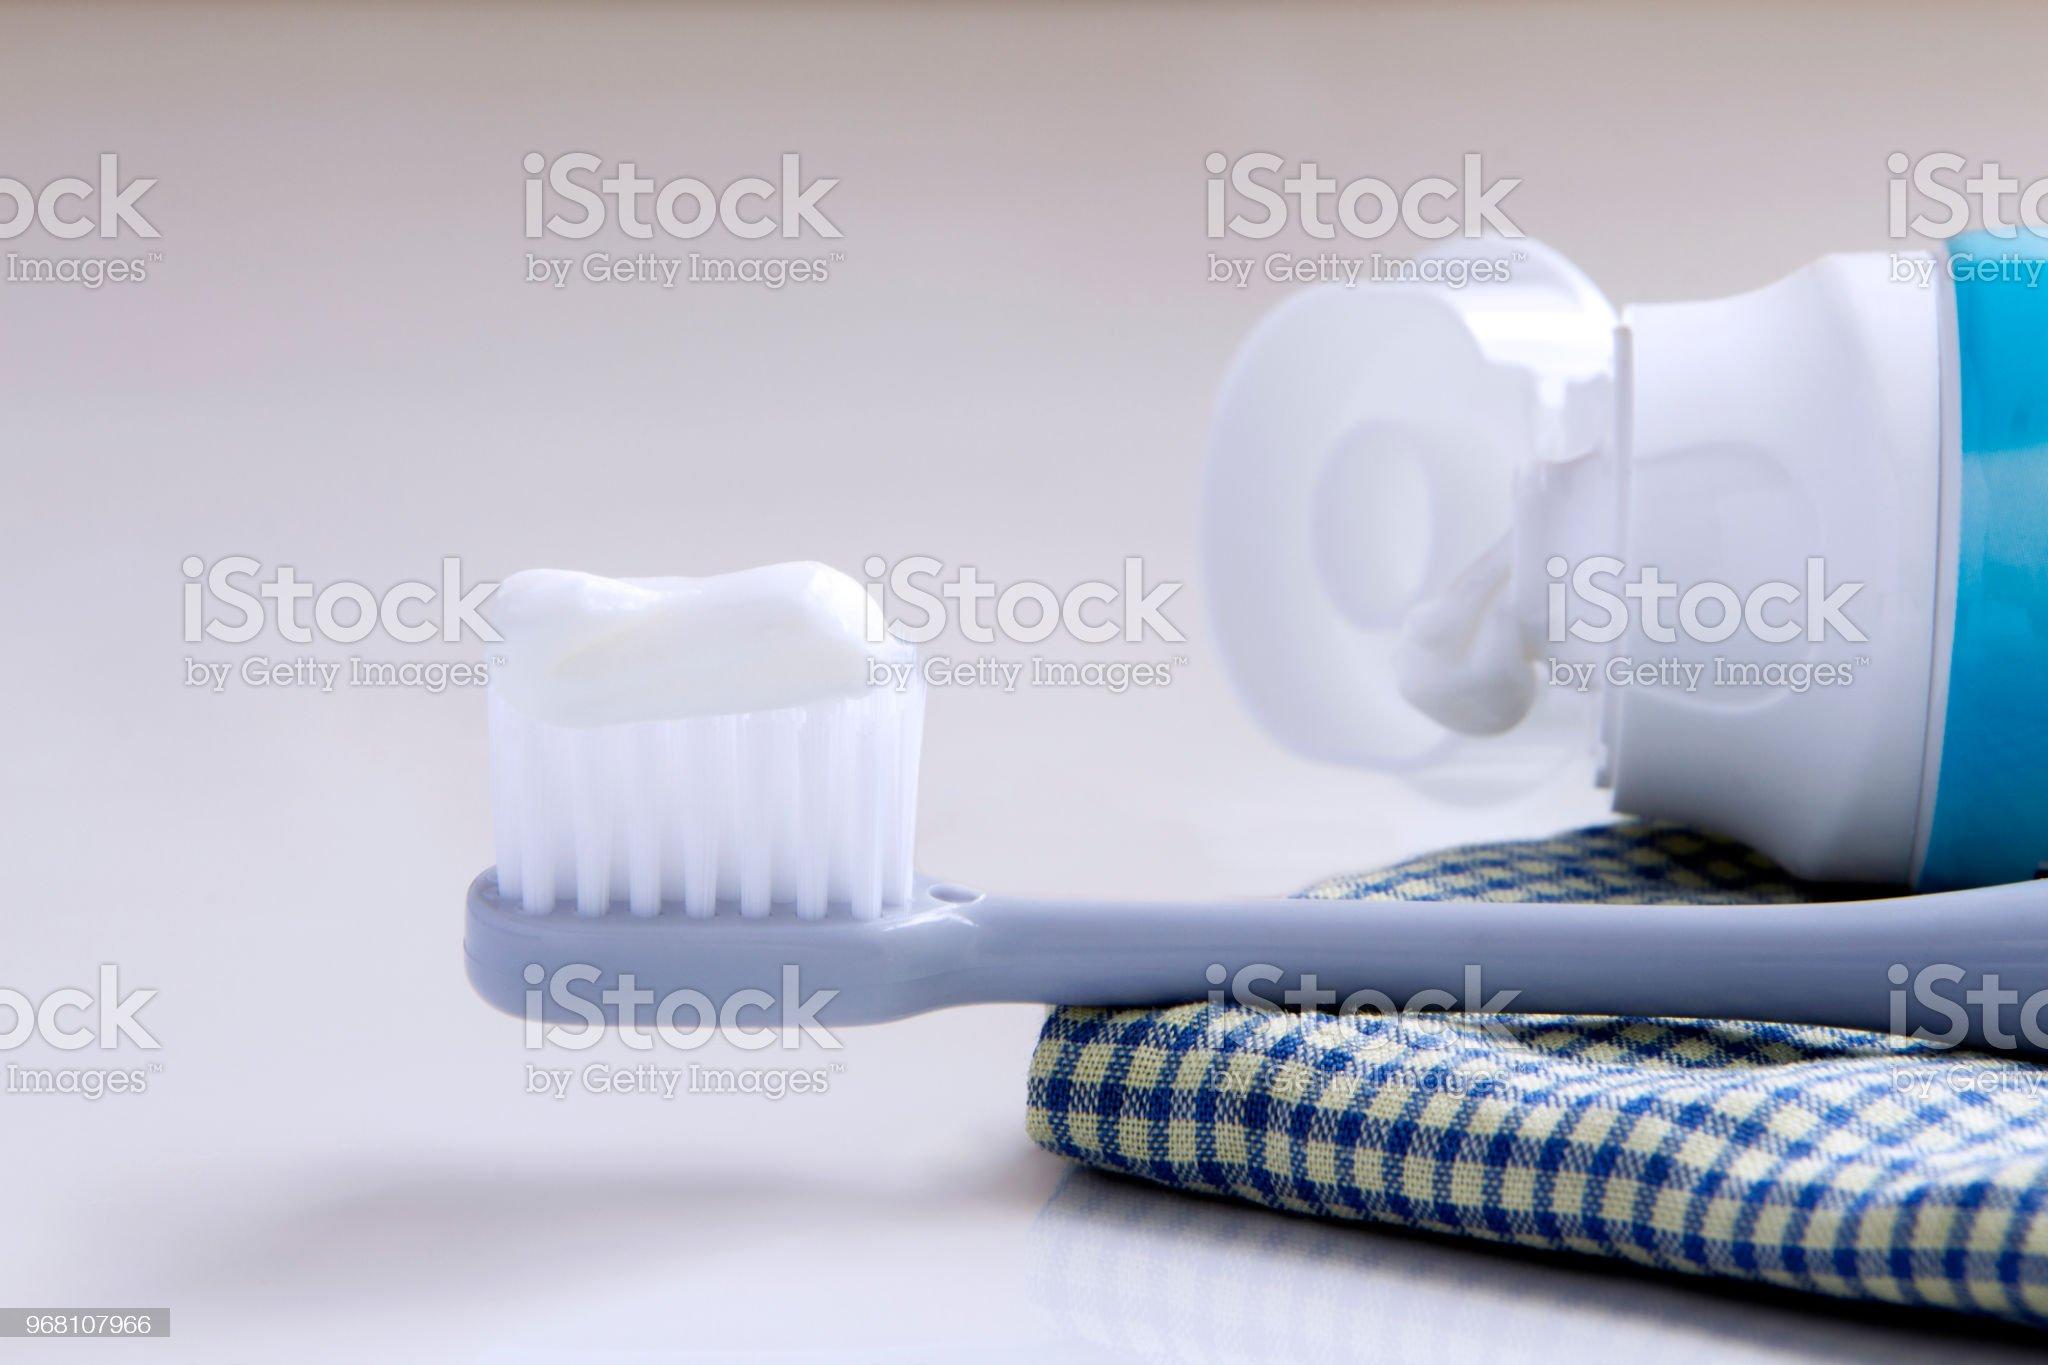 Brosse à dents, tube de dentifrice et un chiffon sur le tableau blanc. Concept de soins dentaires. avec un espace de copie pour votre texte. - Photo de Dentifrice libre de droits